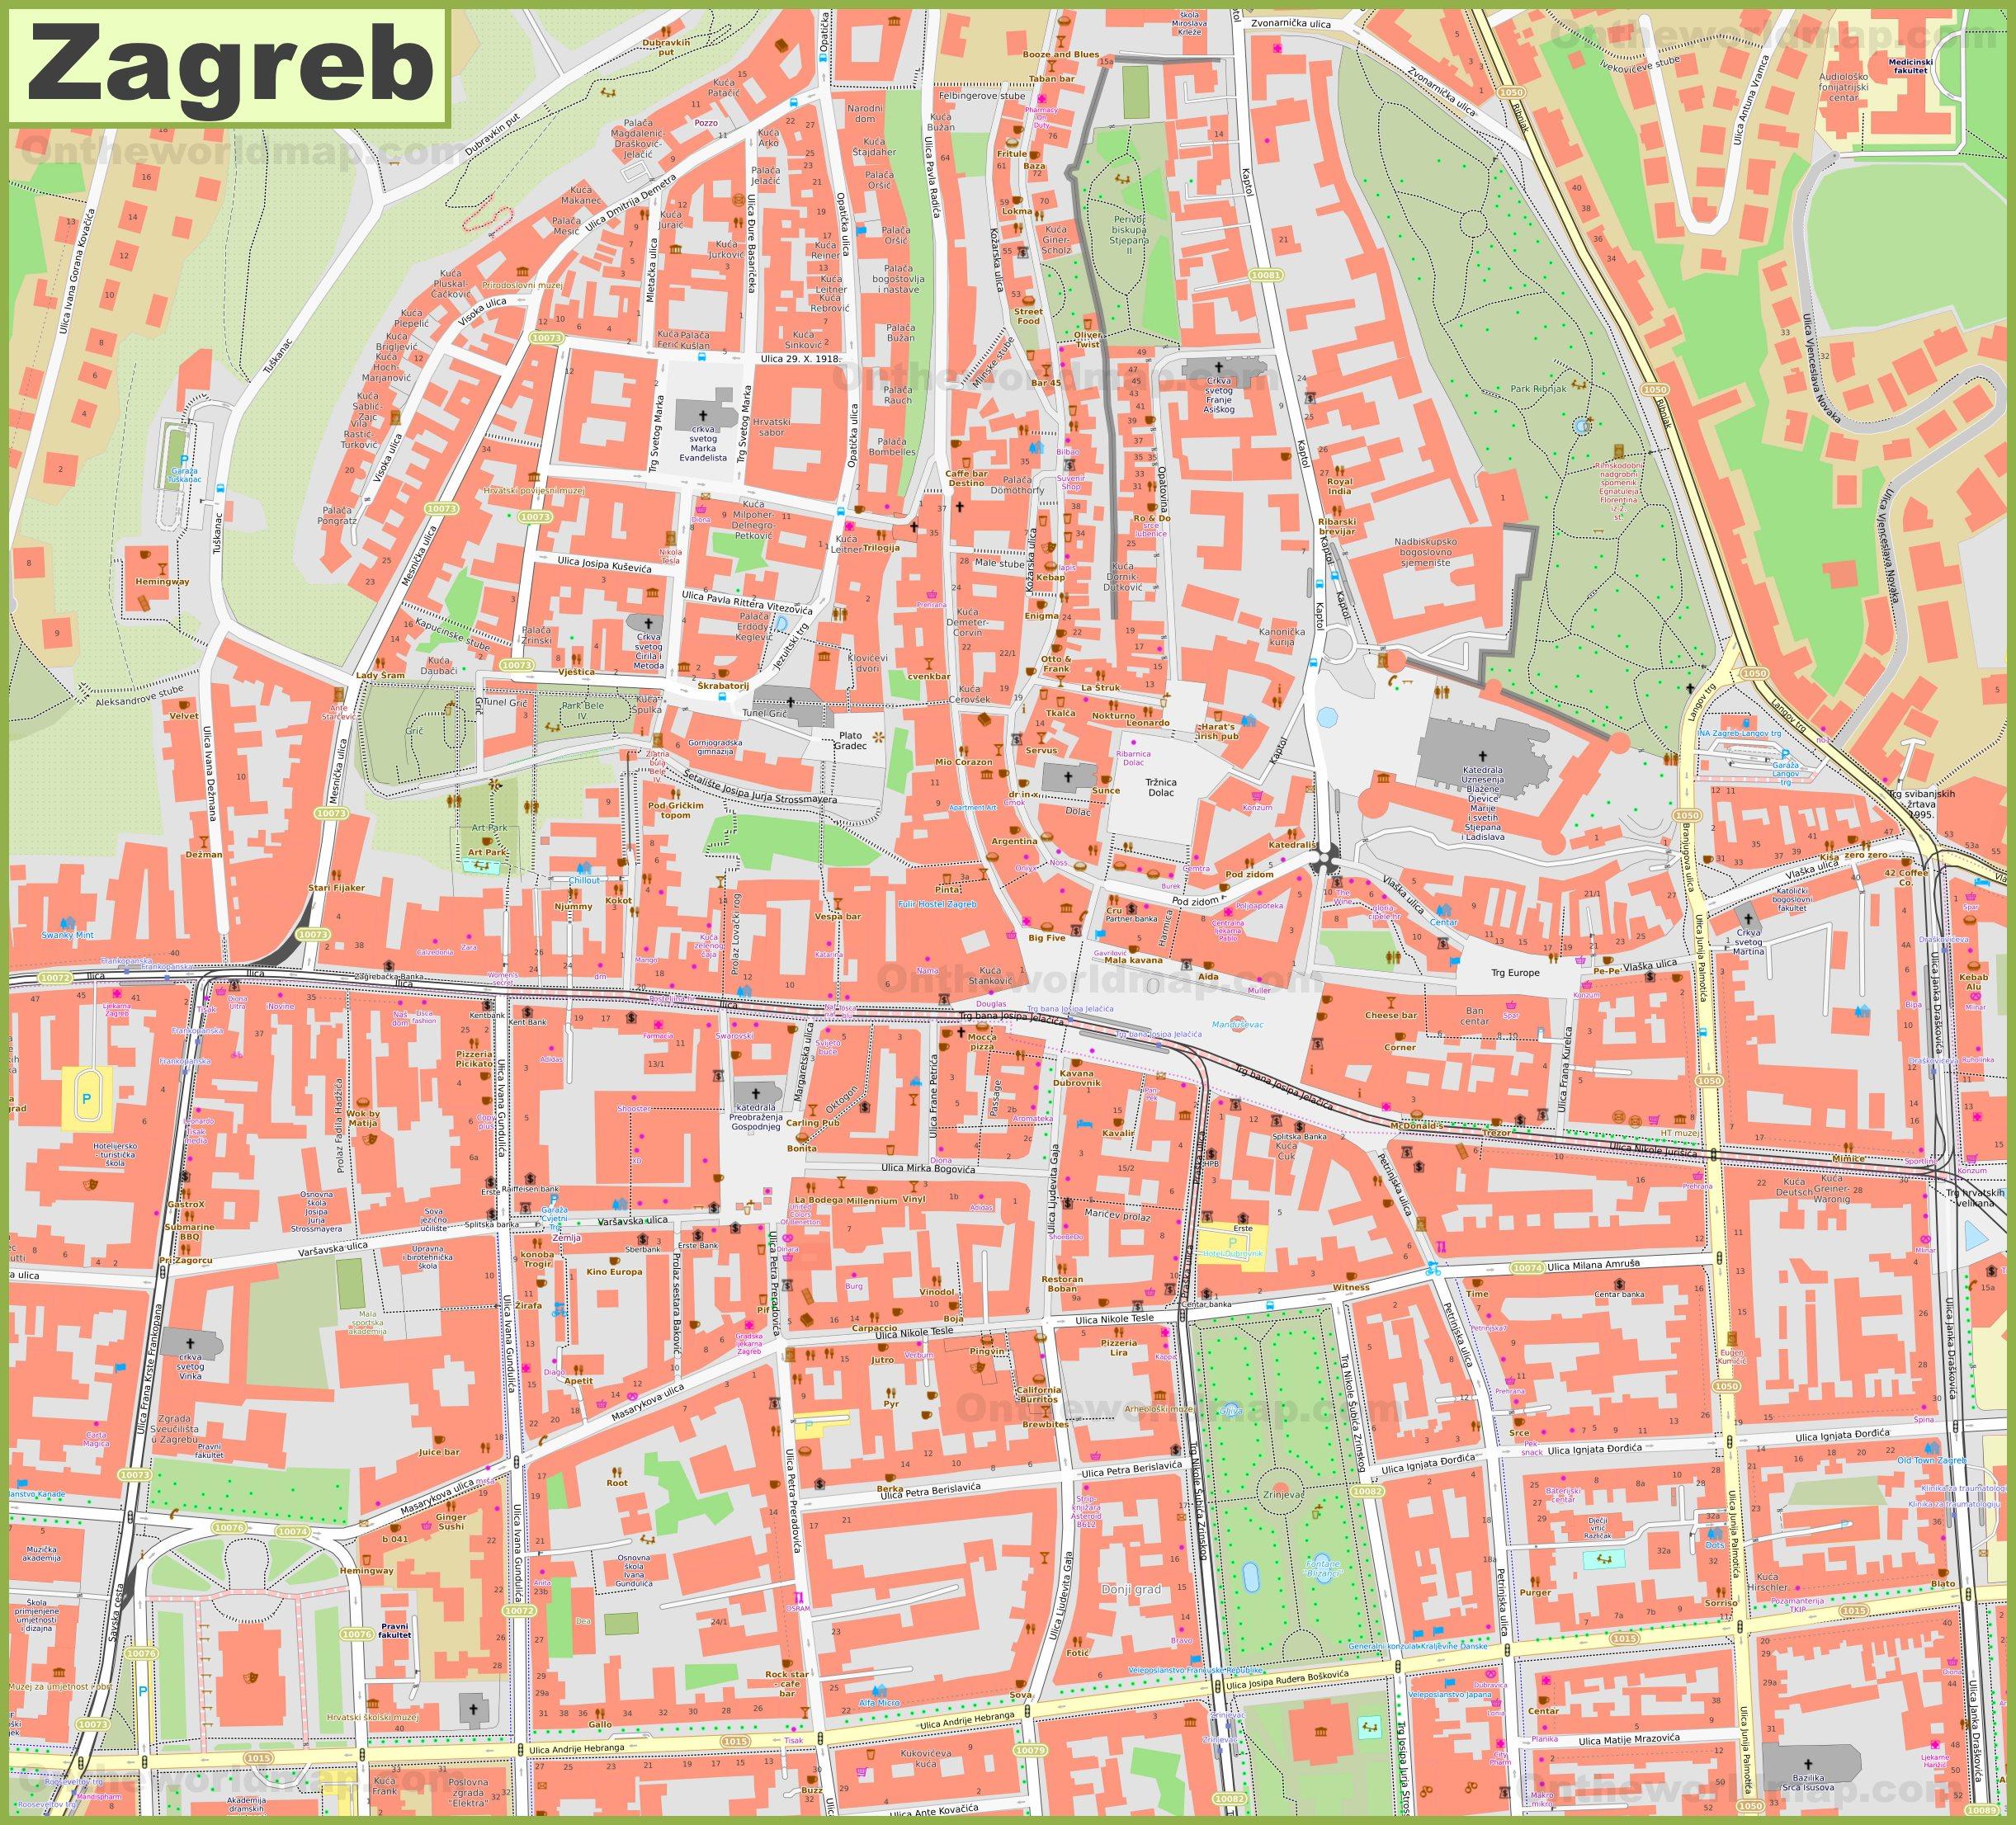 Zagreb city center map on